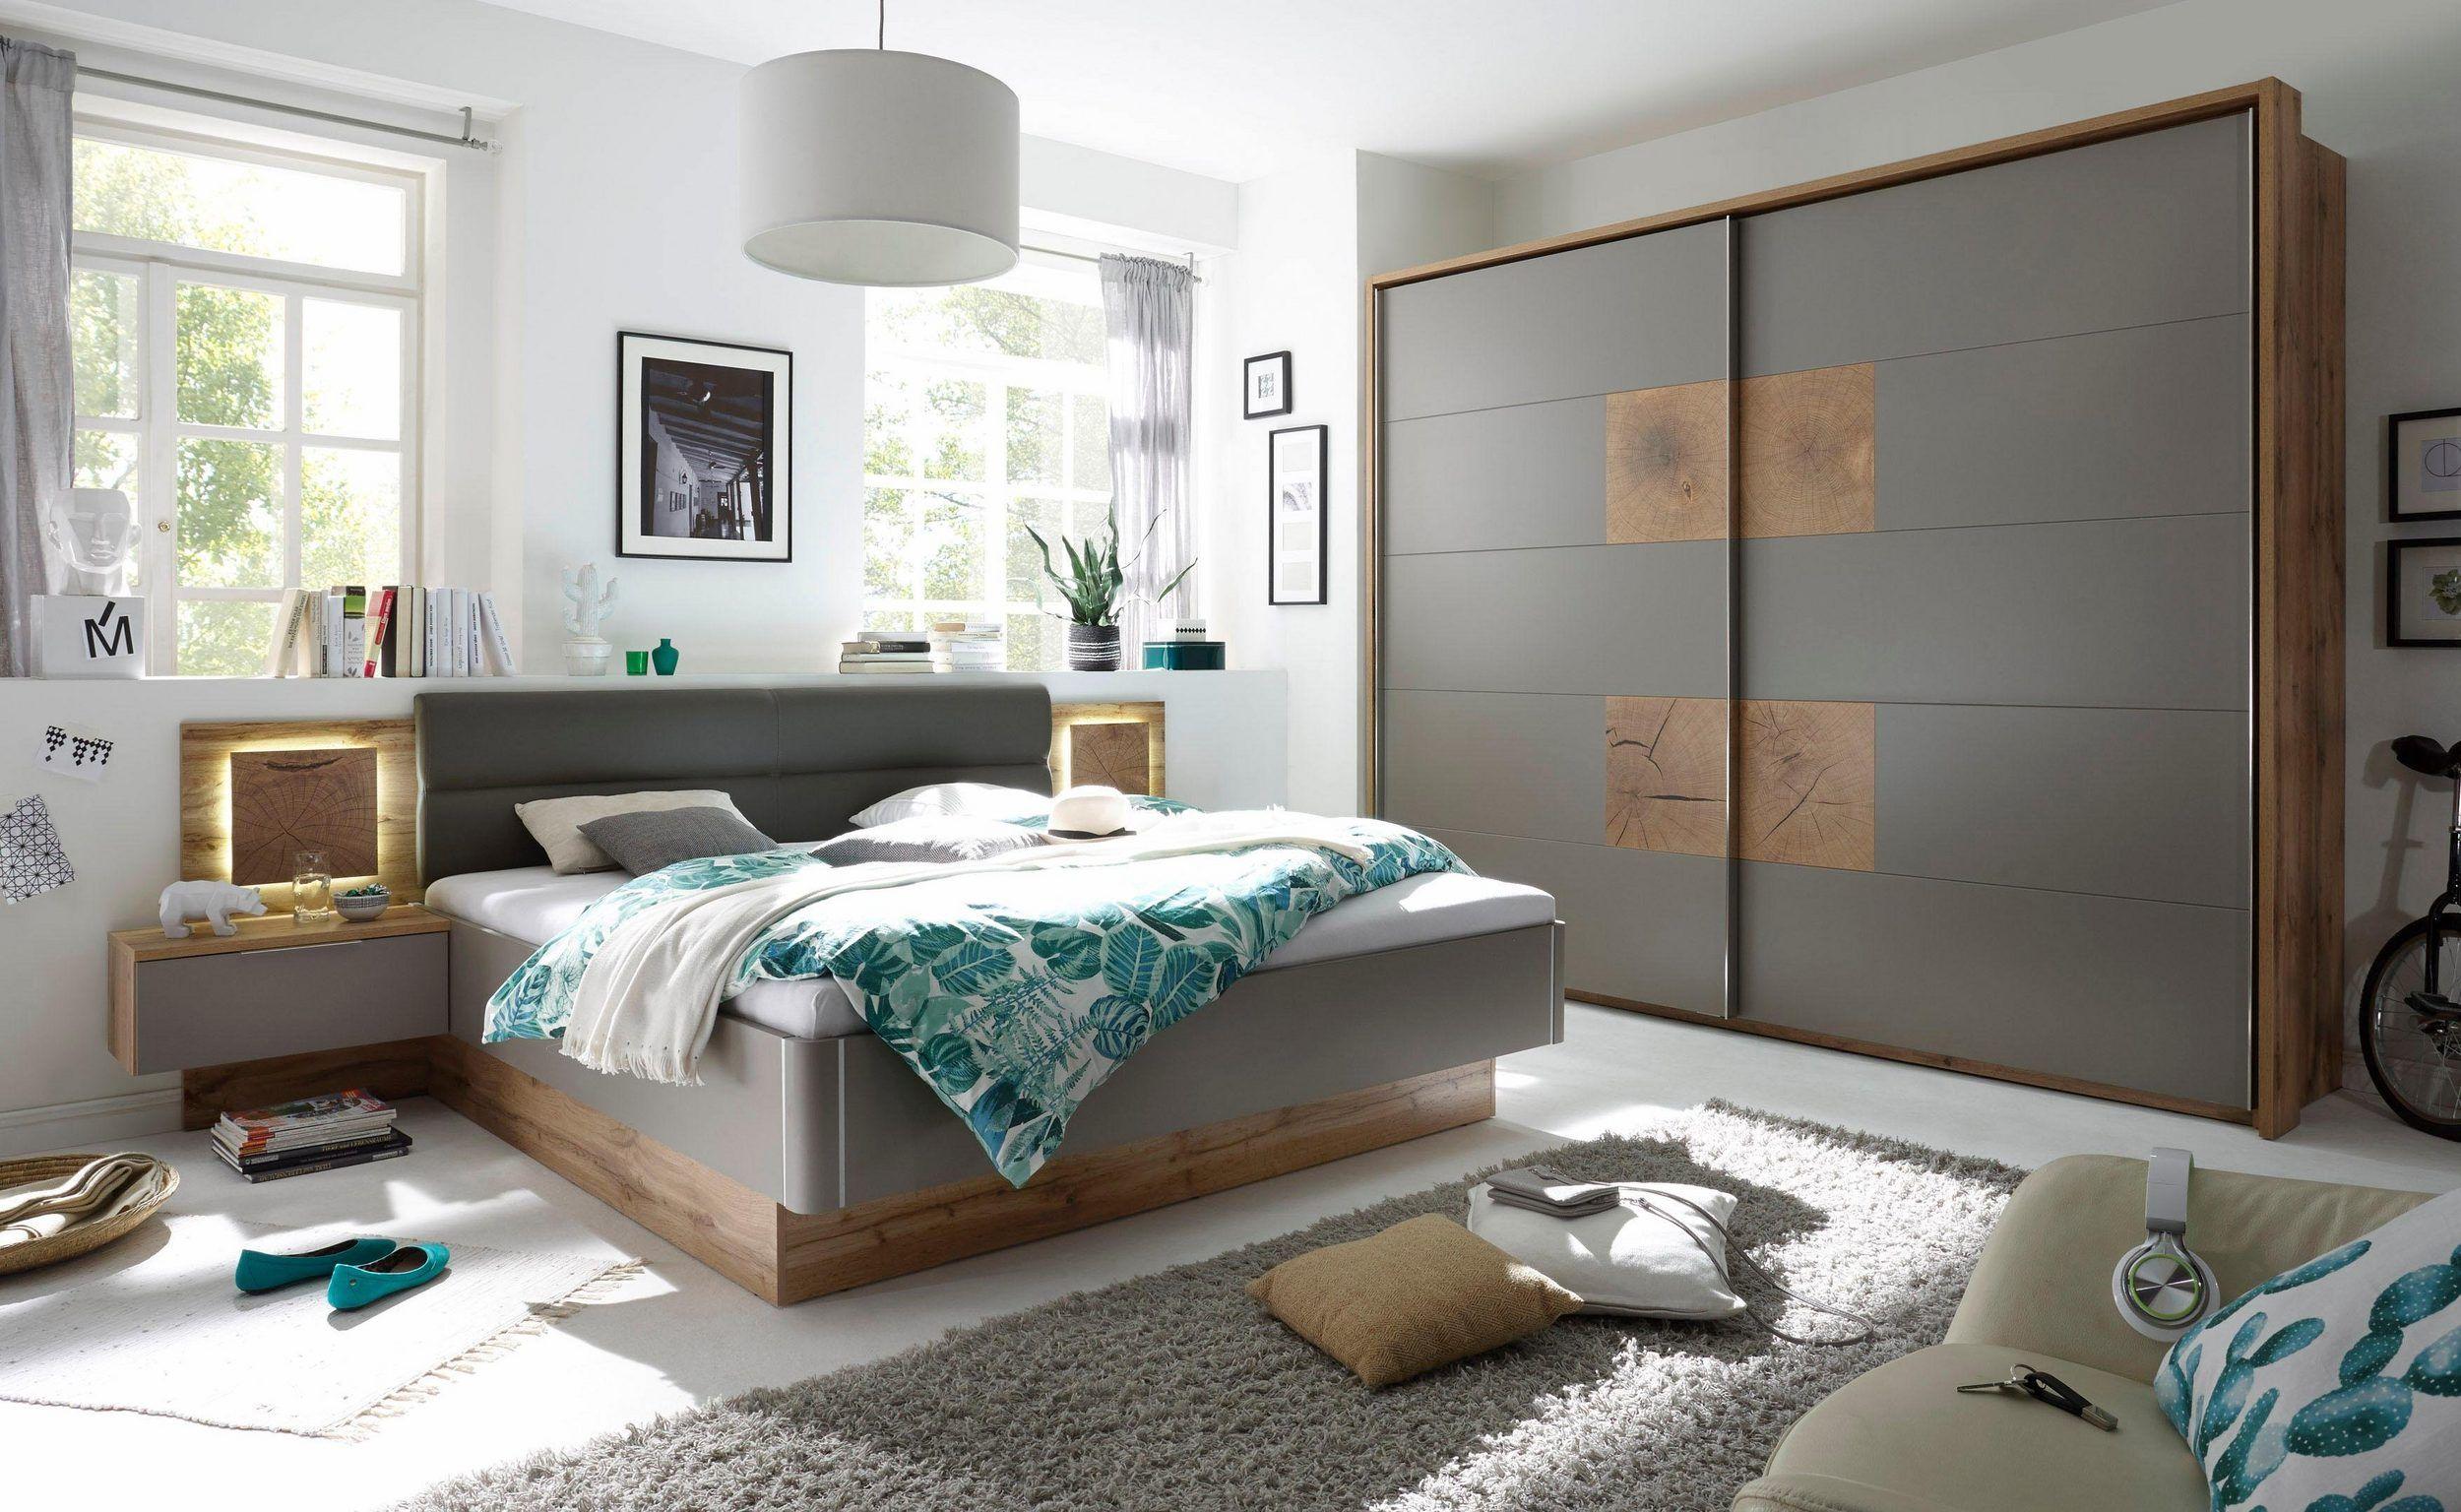 Bettanlage (3tlg.), Set aus Bett und 2 Nachttischen